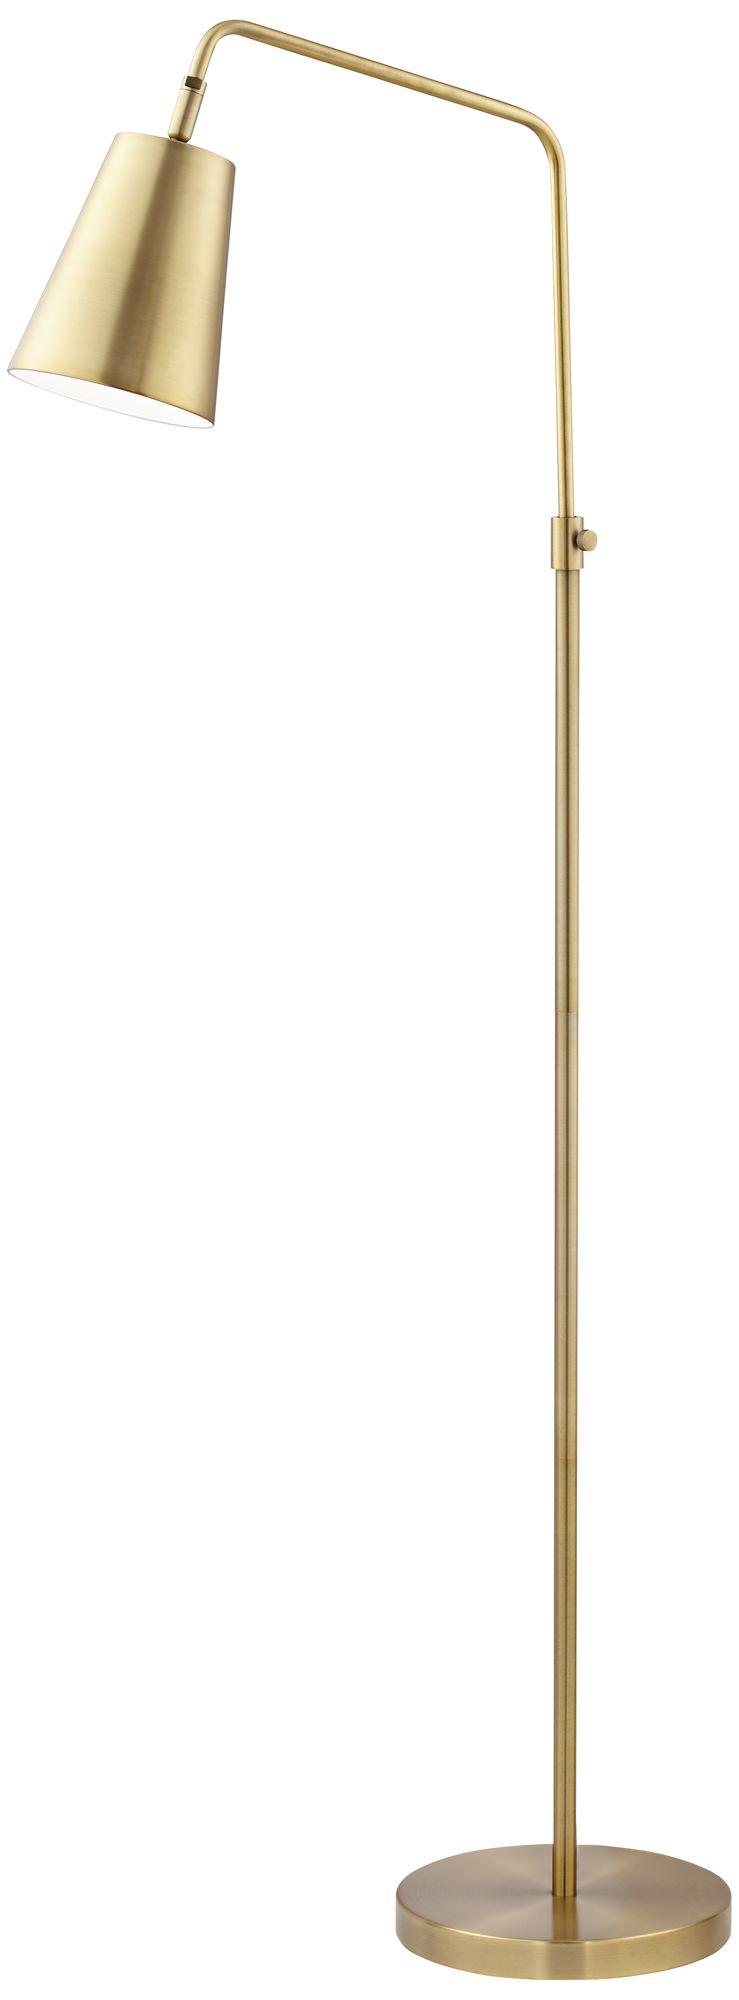 zella brushed antique brass downbridge floor lamp